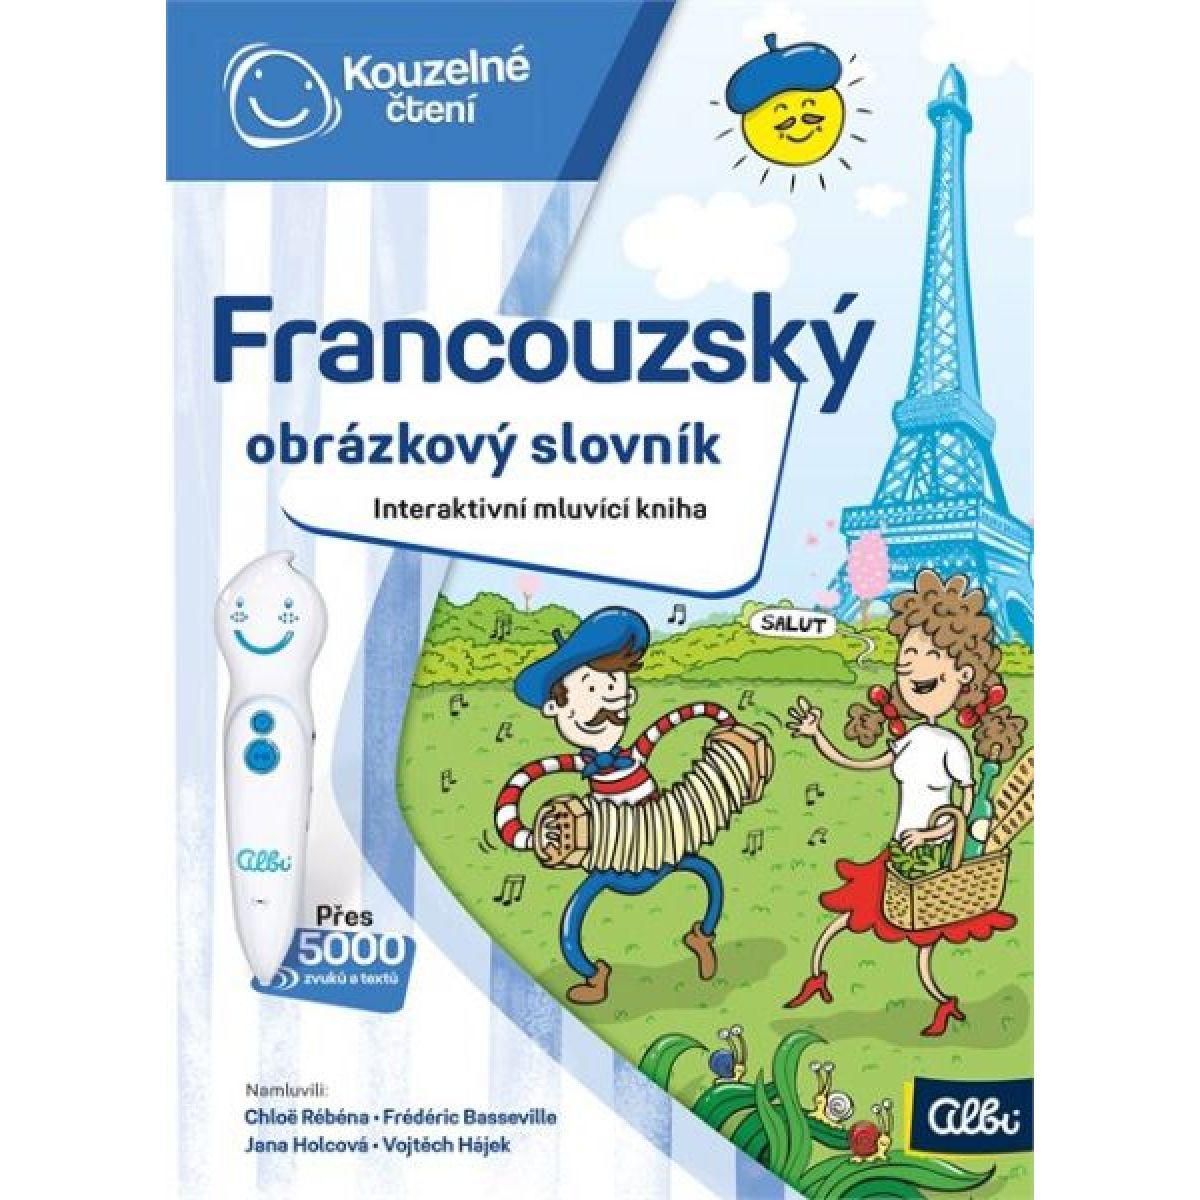 Albi Kouzelné čtení Kniha Francouzský obr. slovník